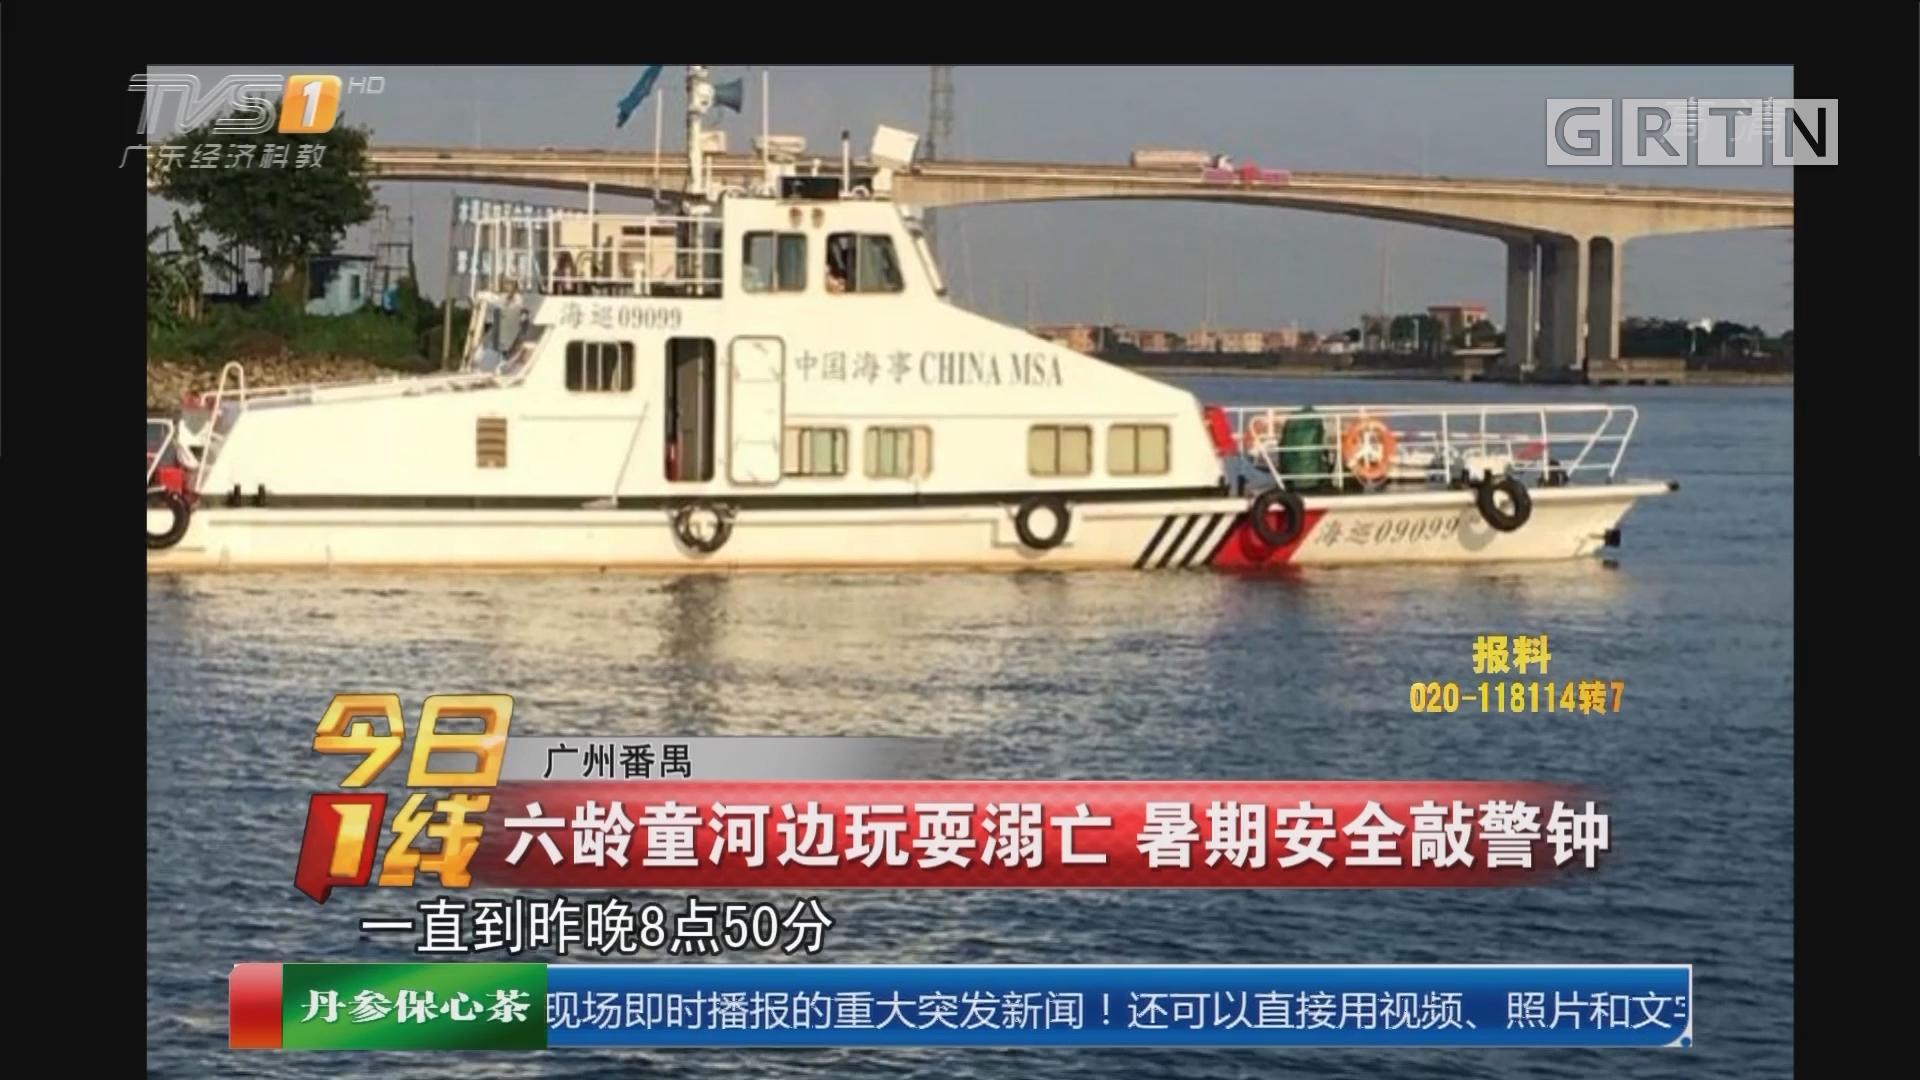 广州番禺:六龄童河边玩耍溺亡 暑期安全敲警钟